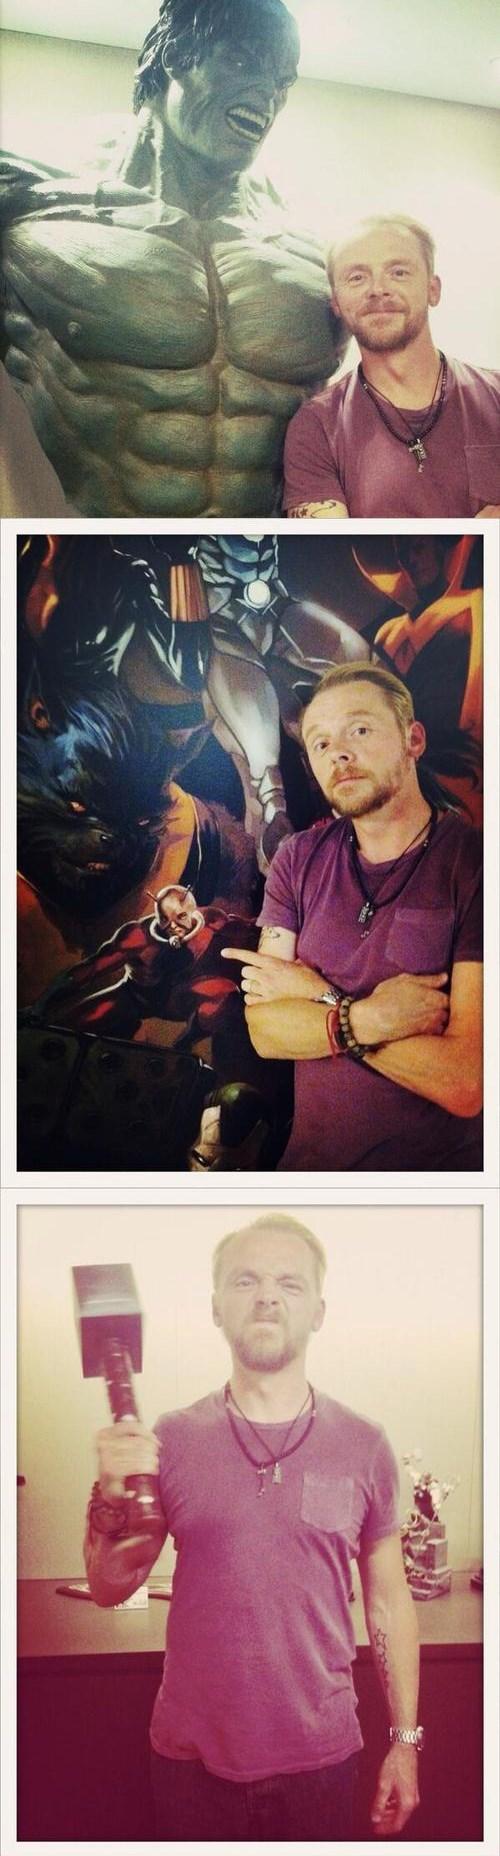 twitter,marvel,Simon Pegg,ant man,hulk